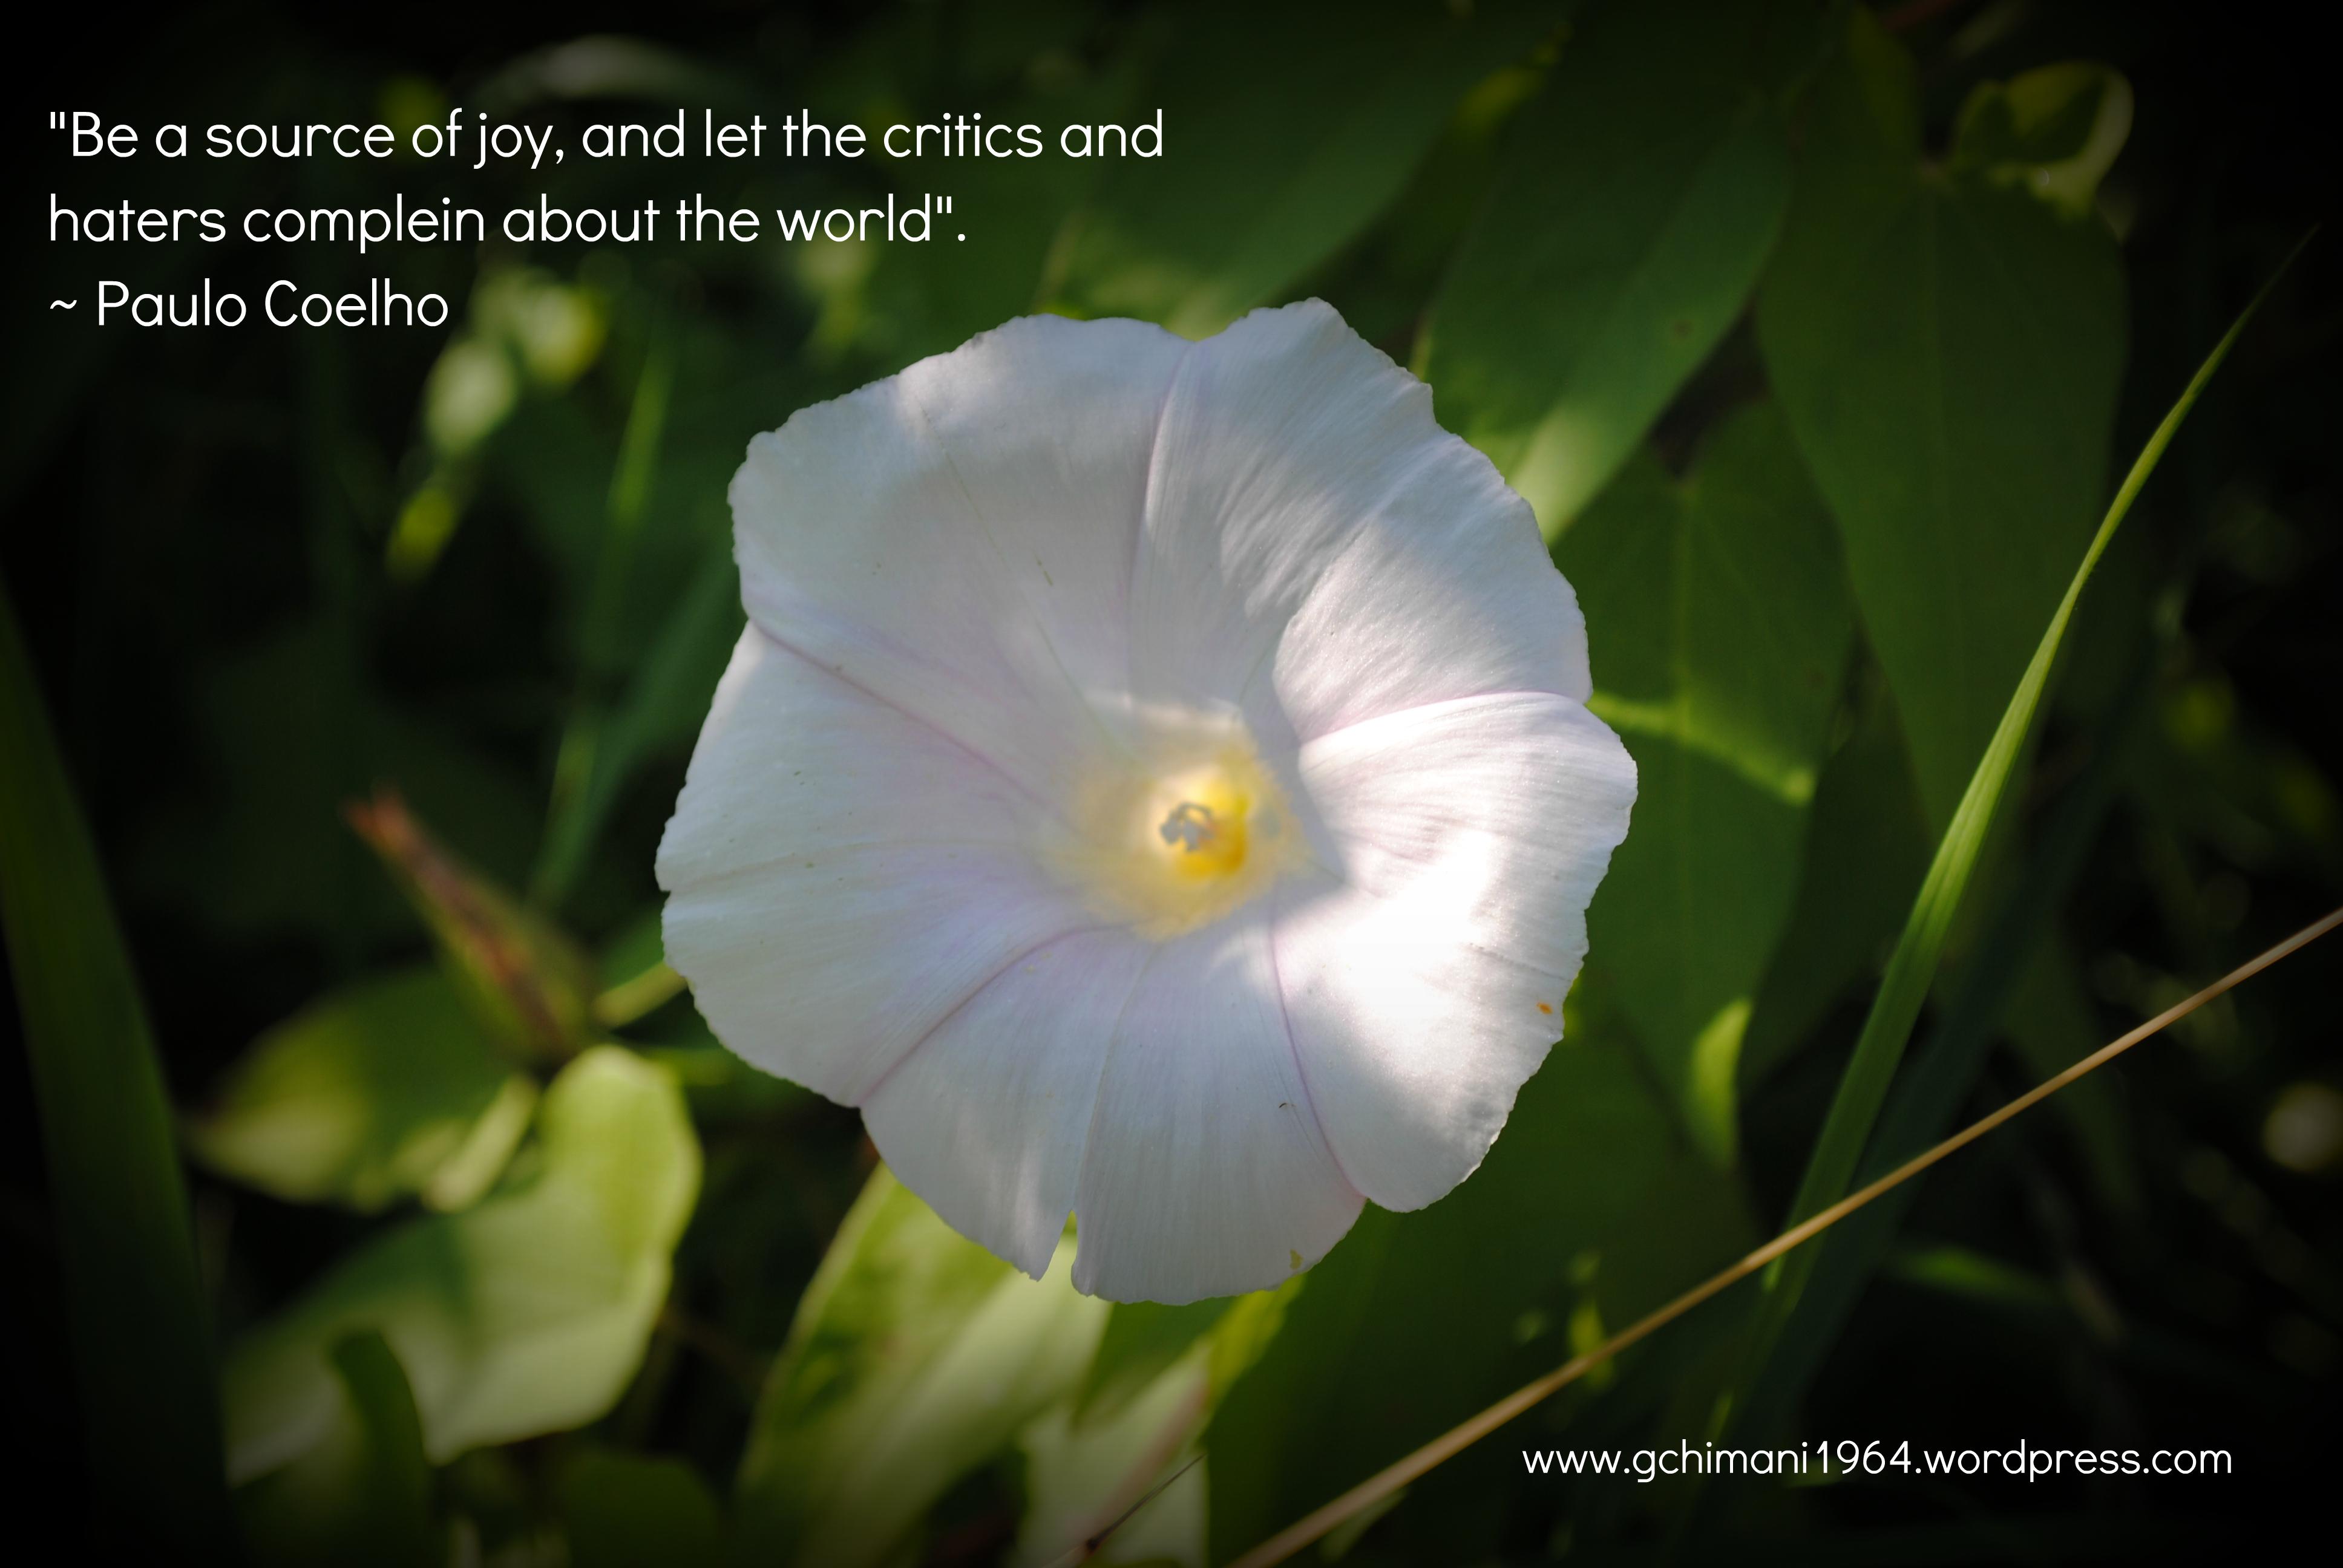 Paulo Coelho's quote